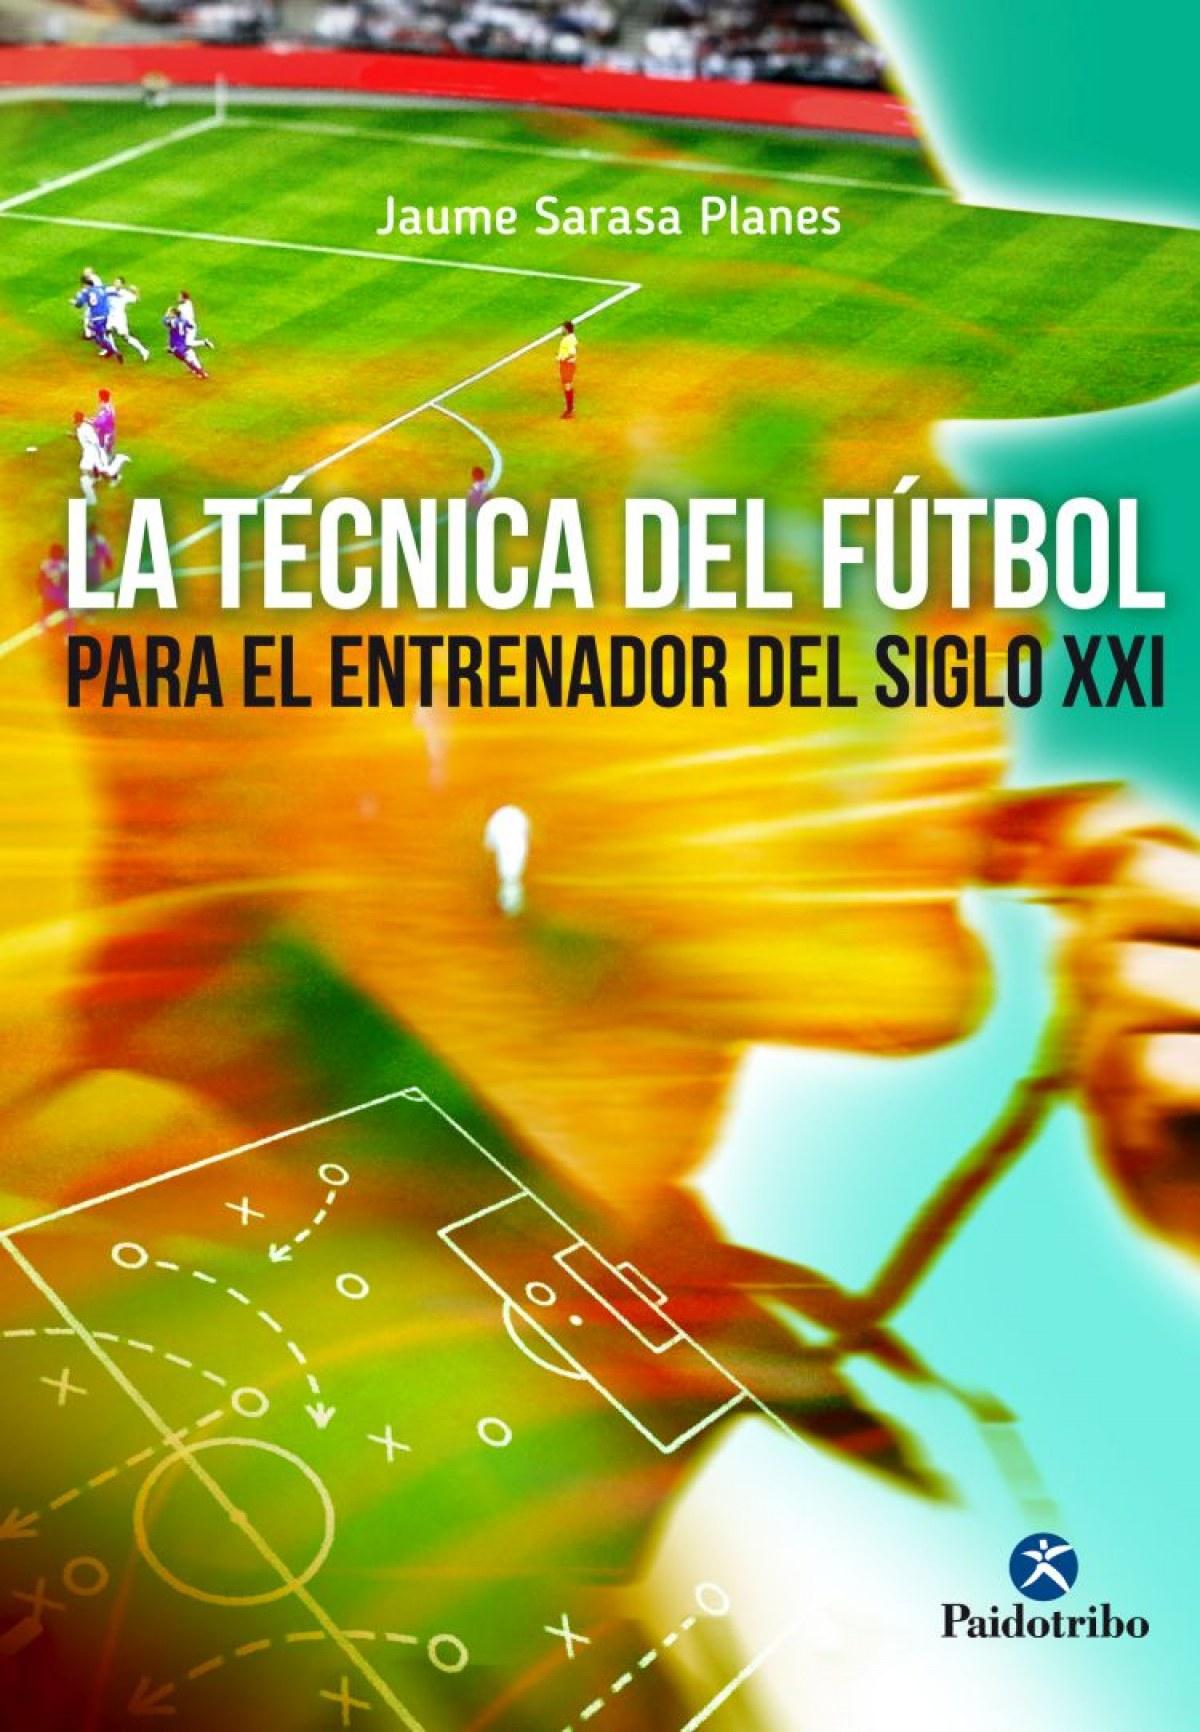 La técnica del fútbol para el entrenador del siglo XXI